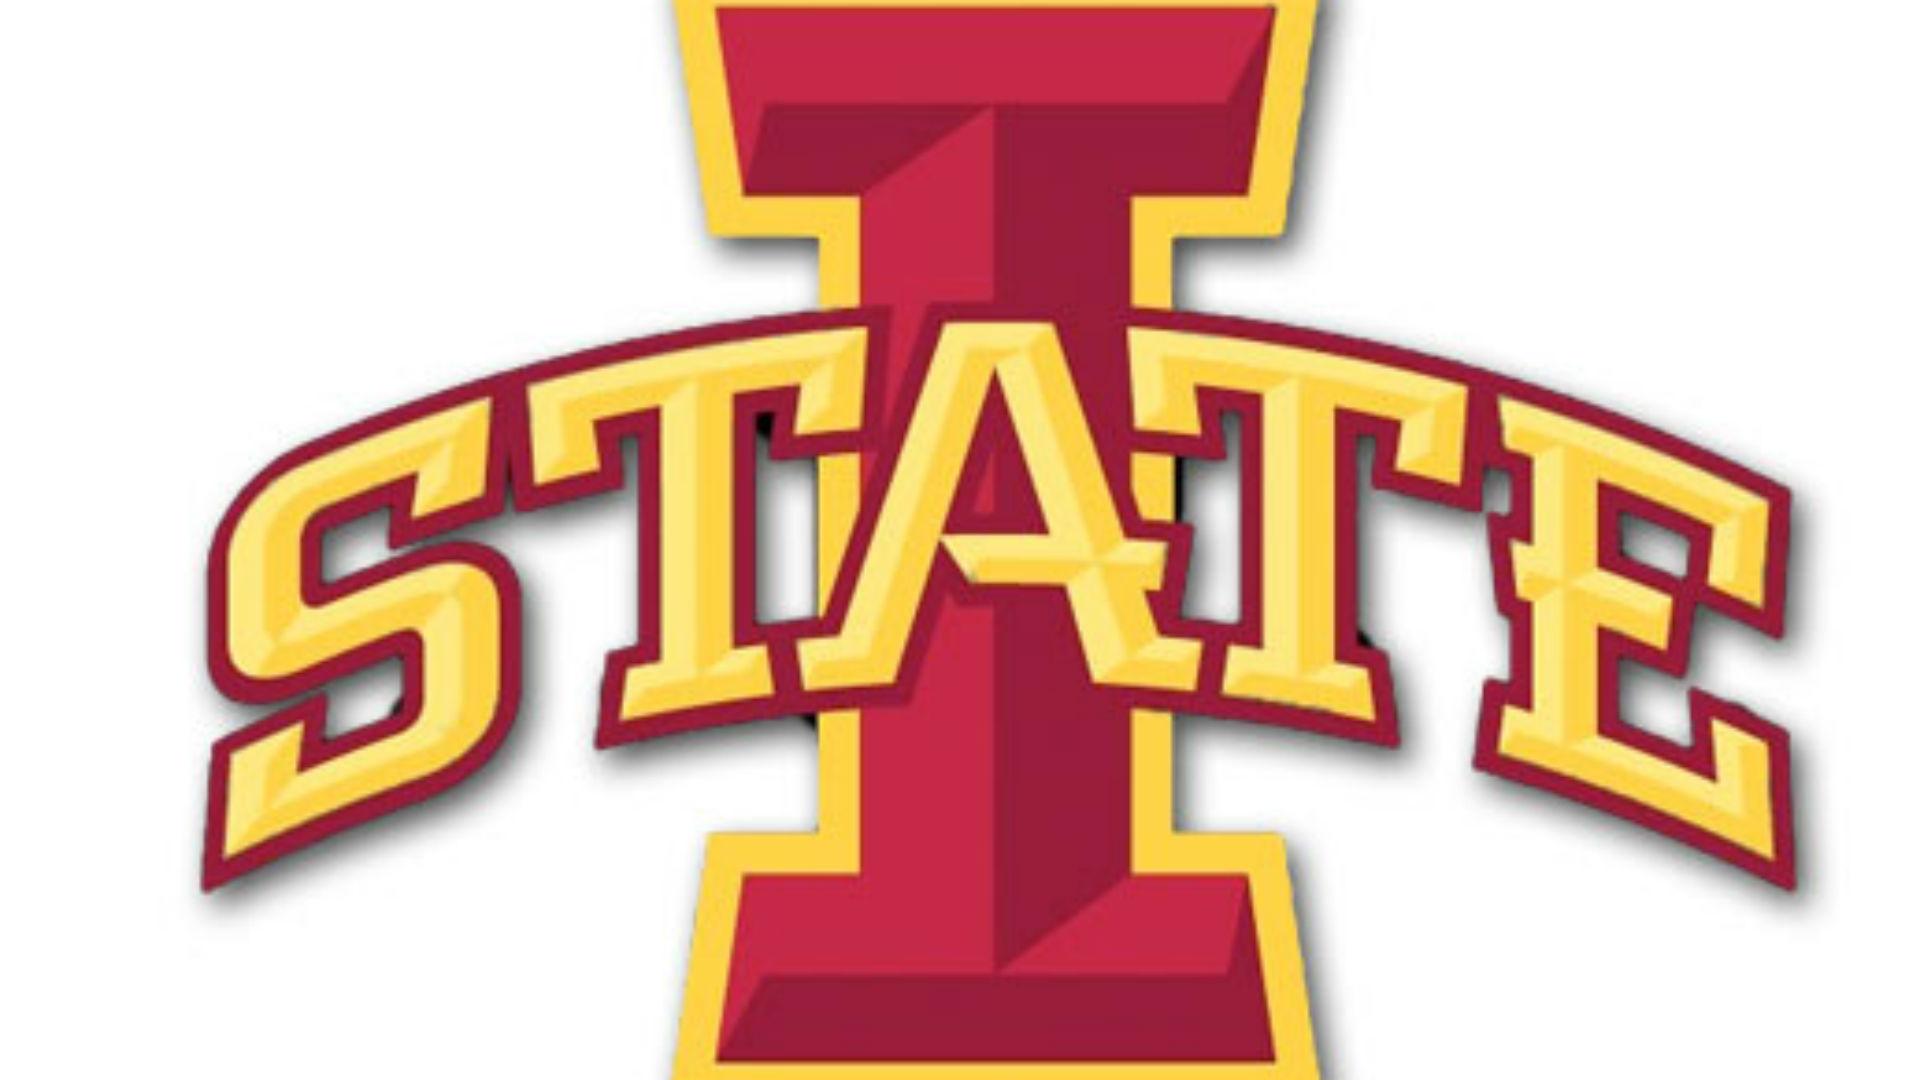 Iowa-state-05082015-us-news-getty-ftr_wxf3qlh2sktb1v6pqf5t0l003